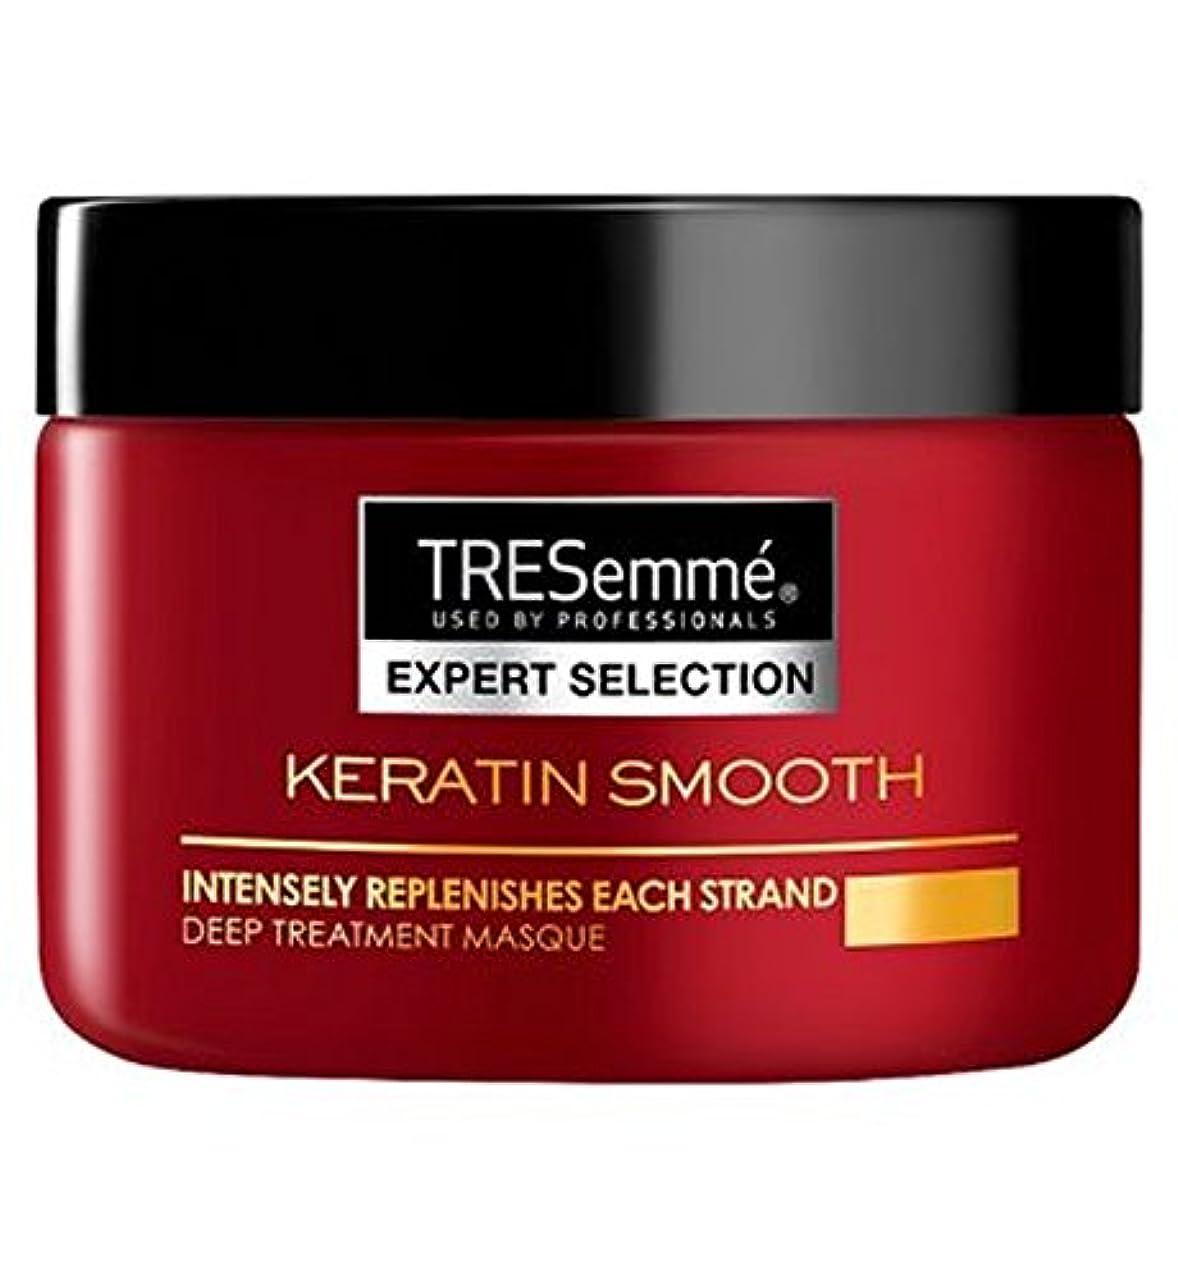 代わりにを立てるお金ゴム錆びTresemme Keratin Smooth Deep Treatment Masque 300ml - Tresemmeケラチン滑らかな深い治療の仮面劇の300ミリリットル (Tresemme) [並行輸入品]